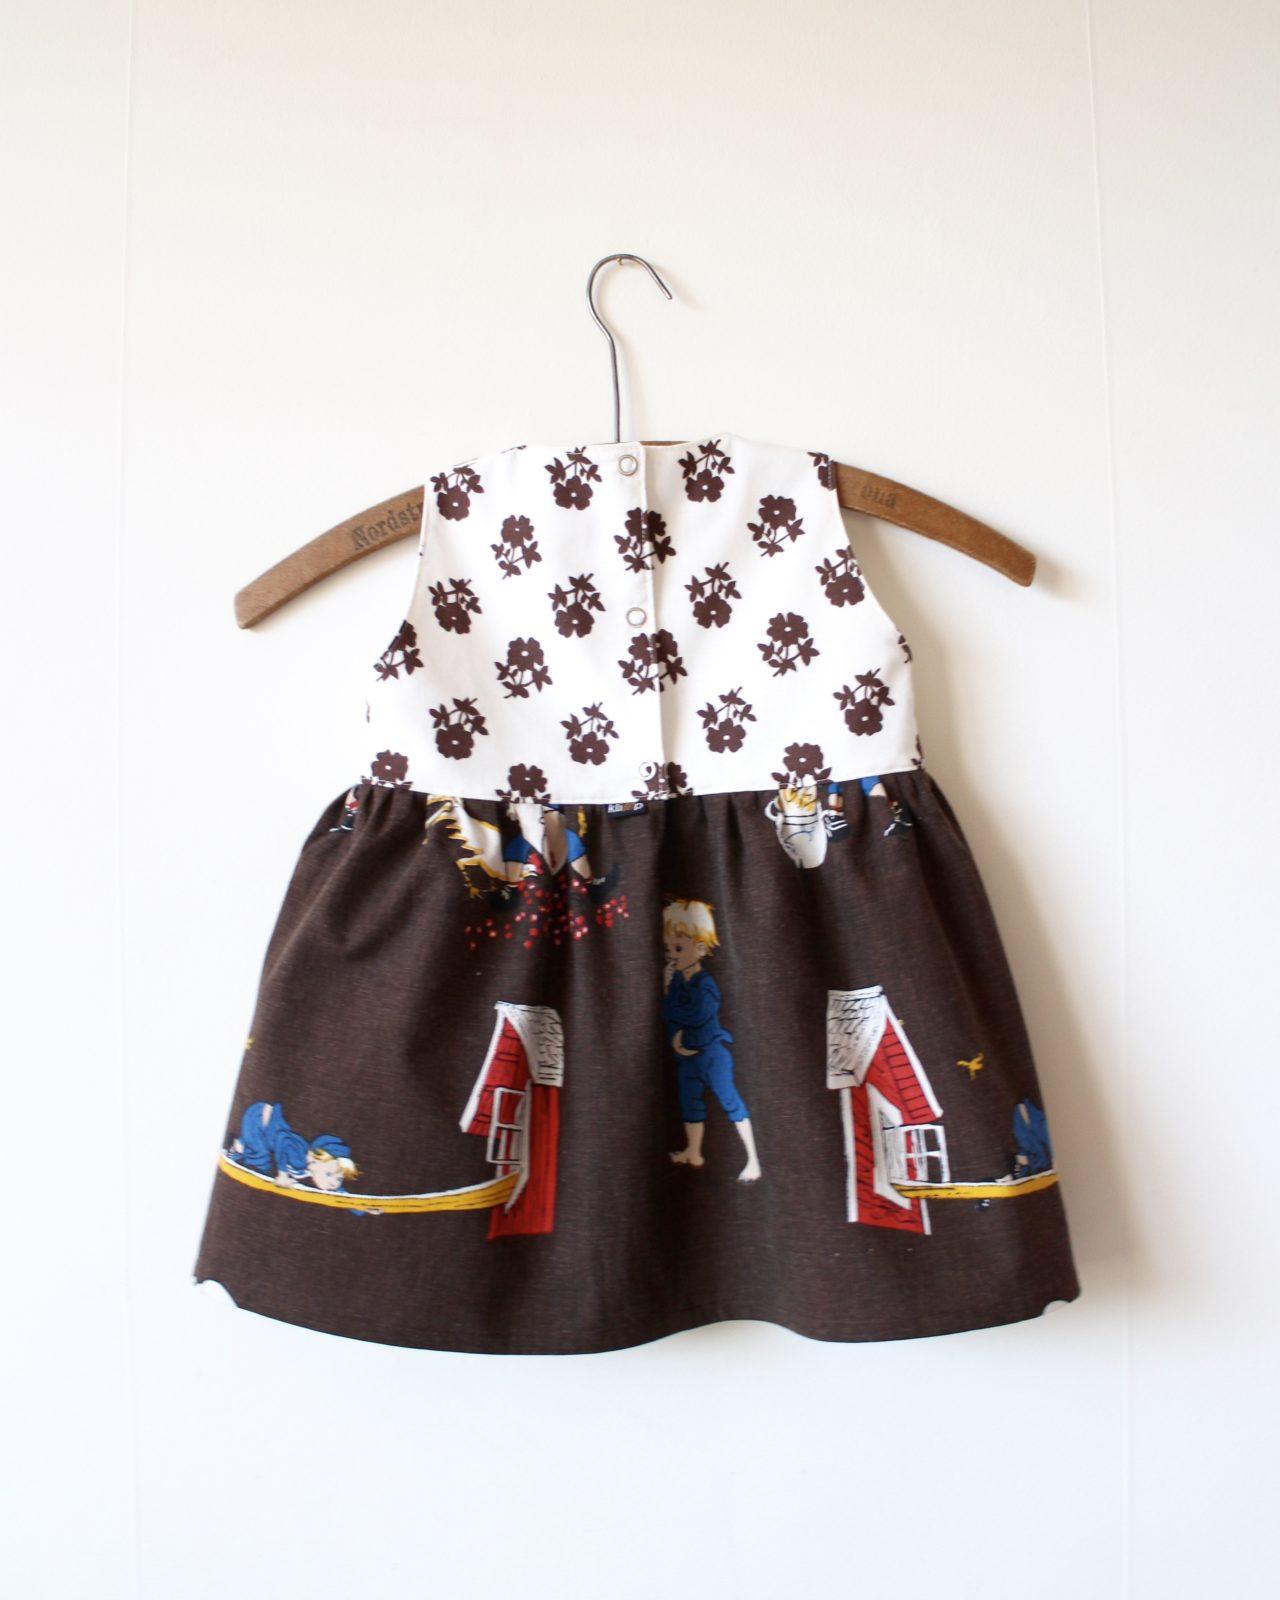 Klänning Barnklänning Återbruk Retro Rwetrotyg Vintage Vintagetyg Emil i Lönneberga Ida Miljövänligt